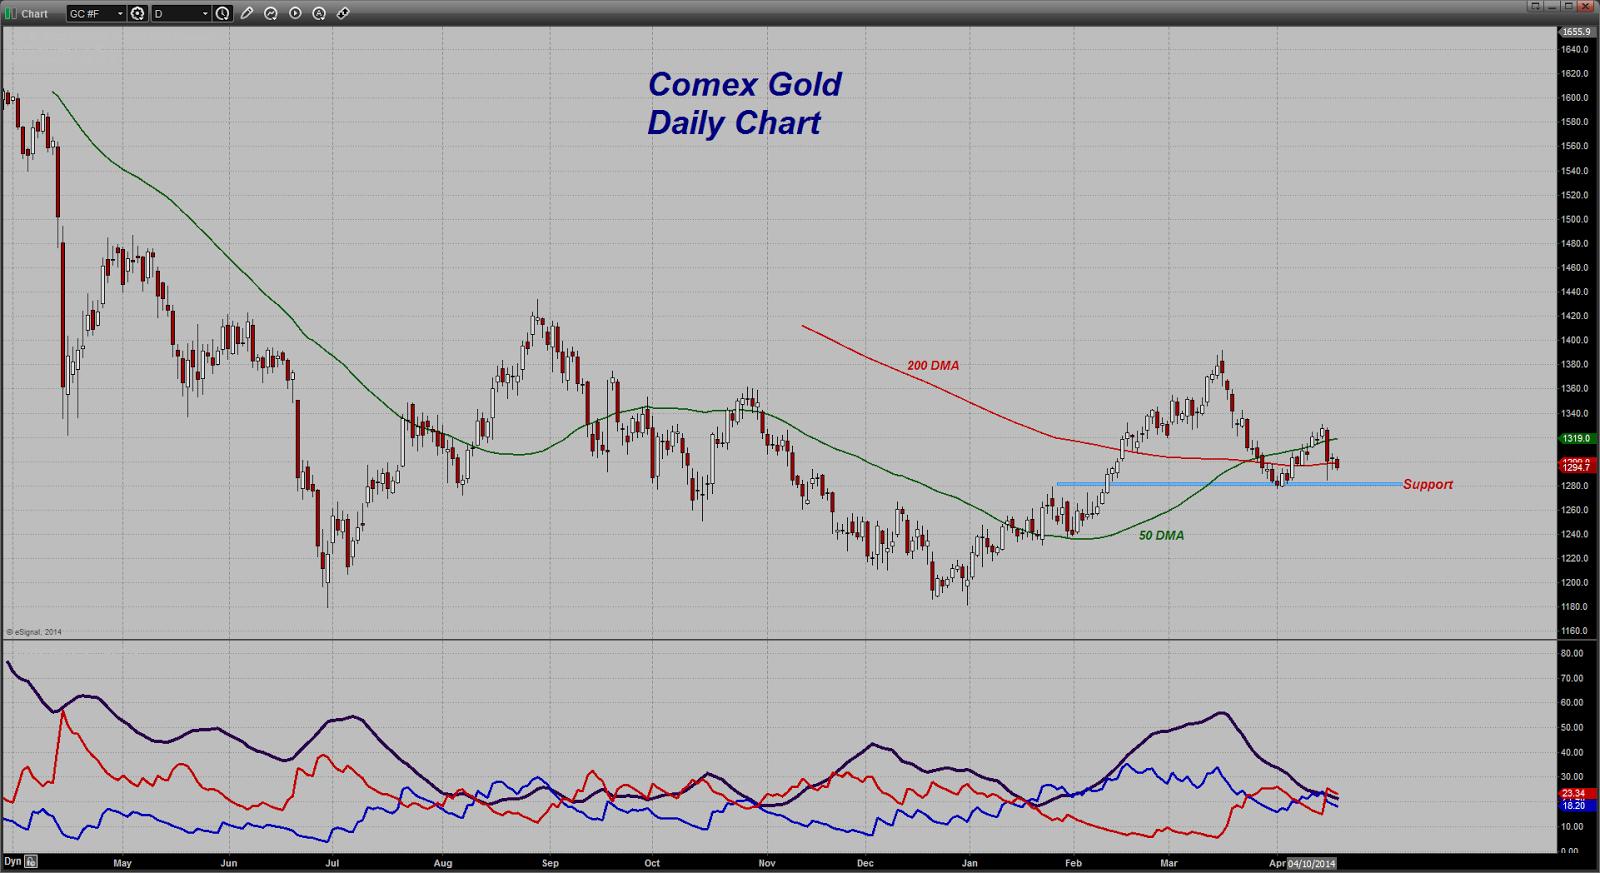 prix de l'or, de l'argent et des minières / suivi quotidien en clôture - Page 12 Chart20140417123149